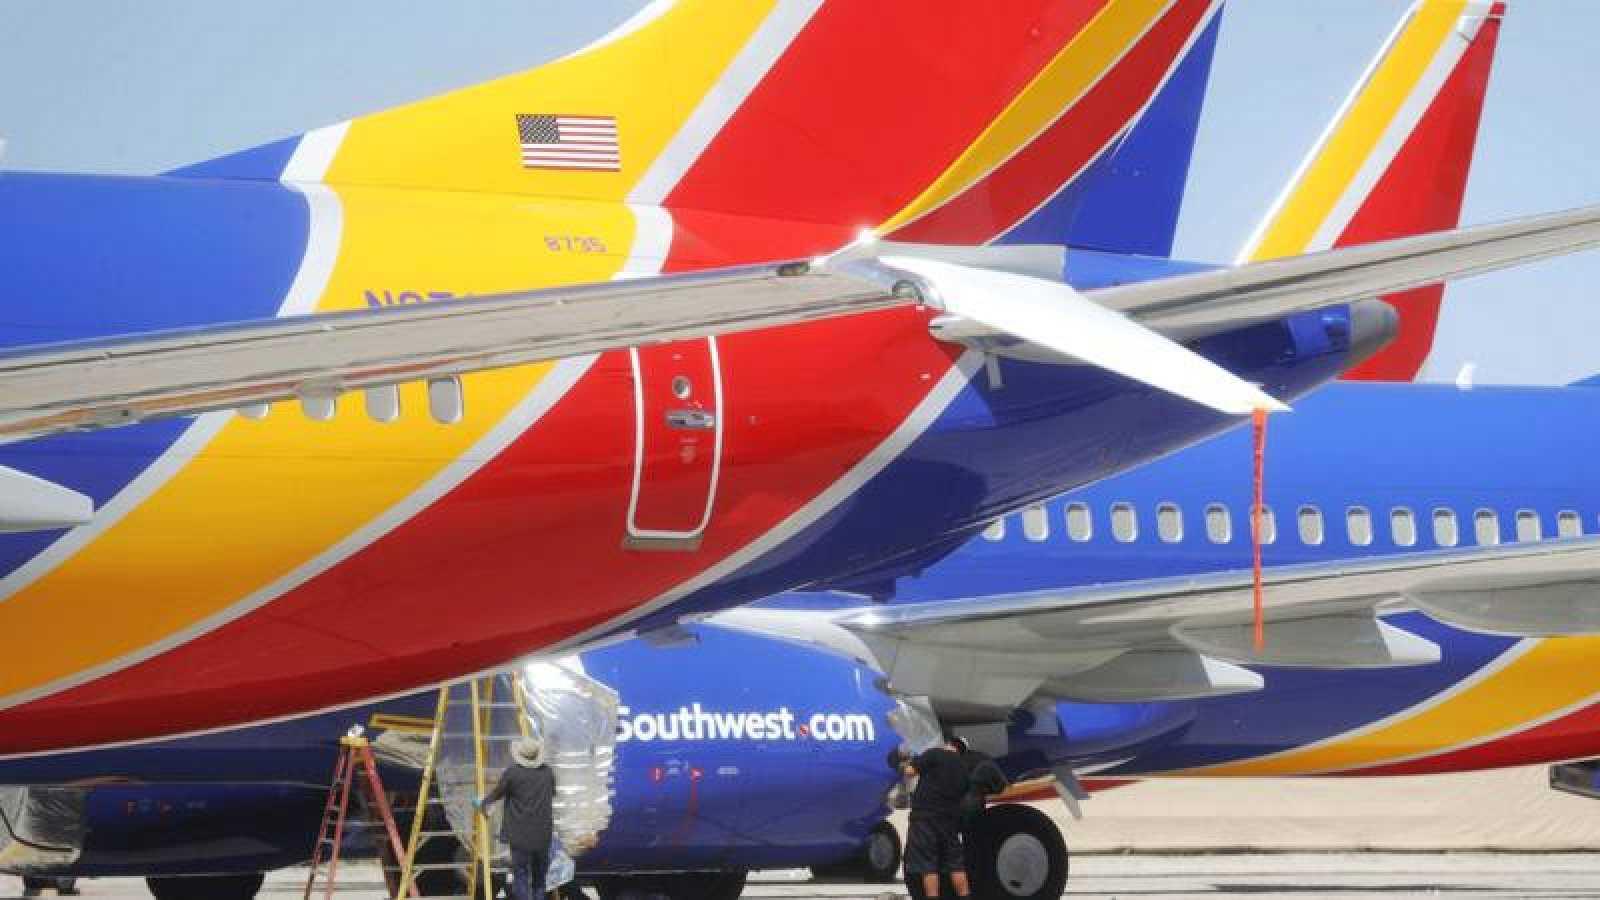 Boeing atraviesa una crisis de credibilidad, debido a las dudas sobre la seguridad de su modelo el 737 Max